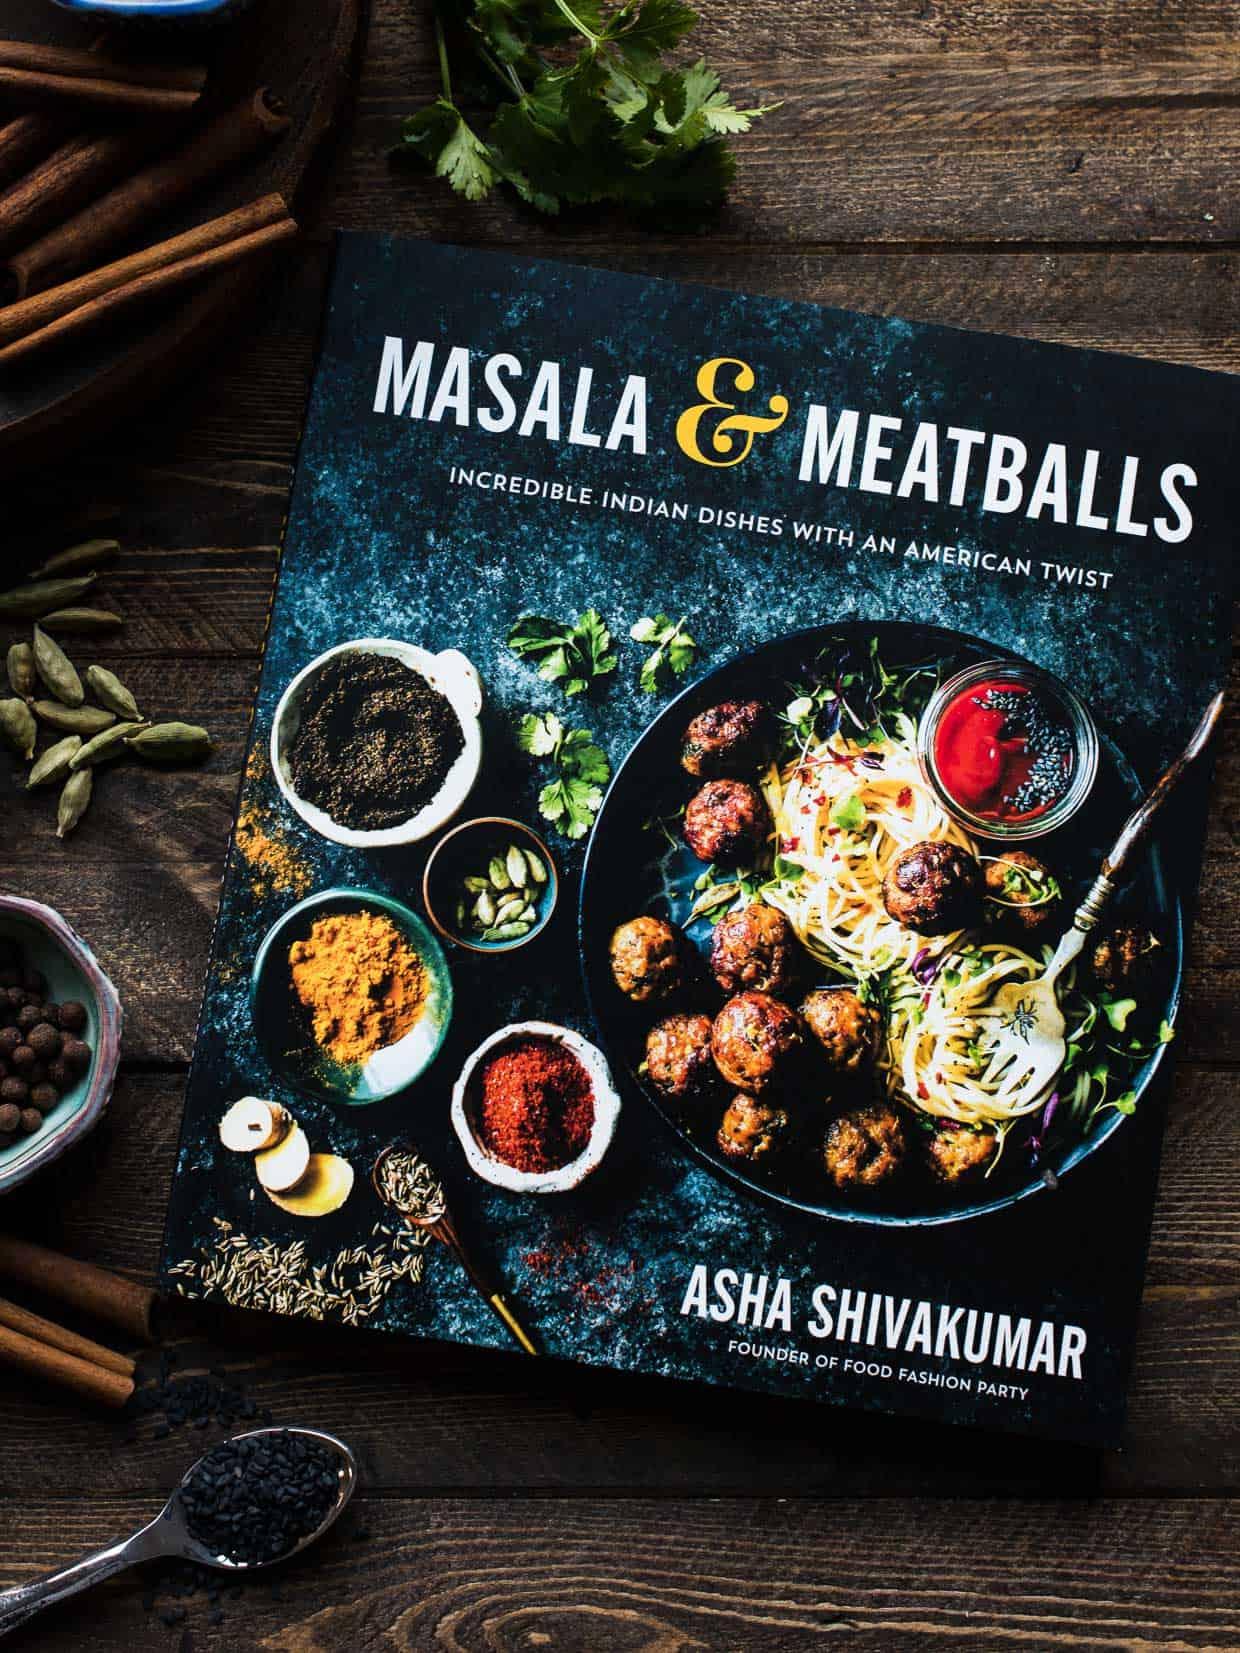 Masala & Meatballs by Asha Shivakuma